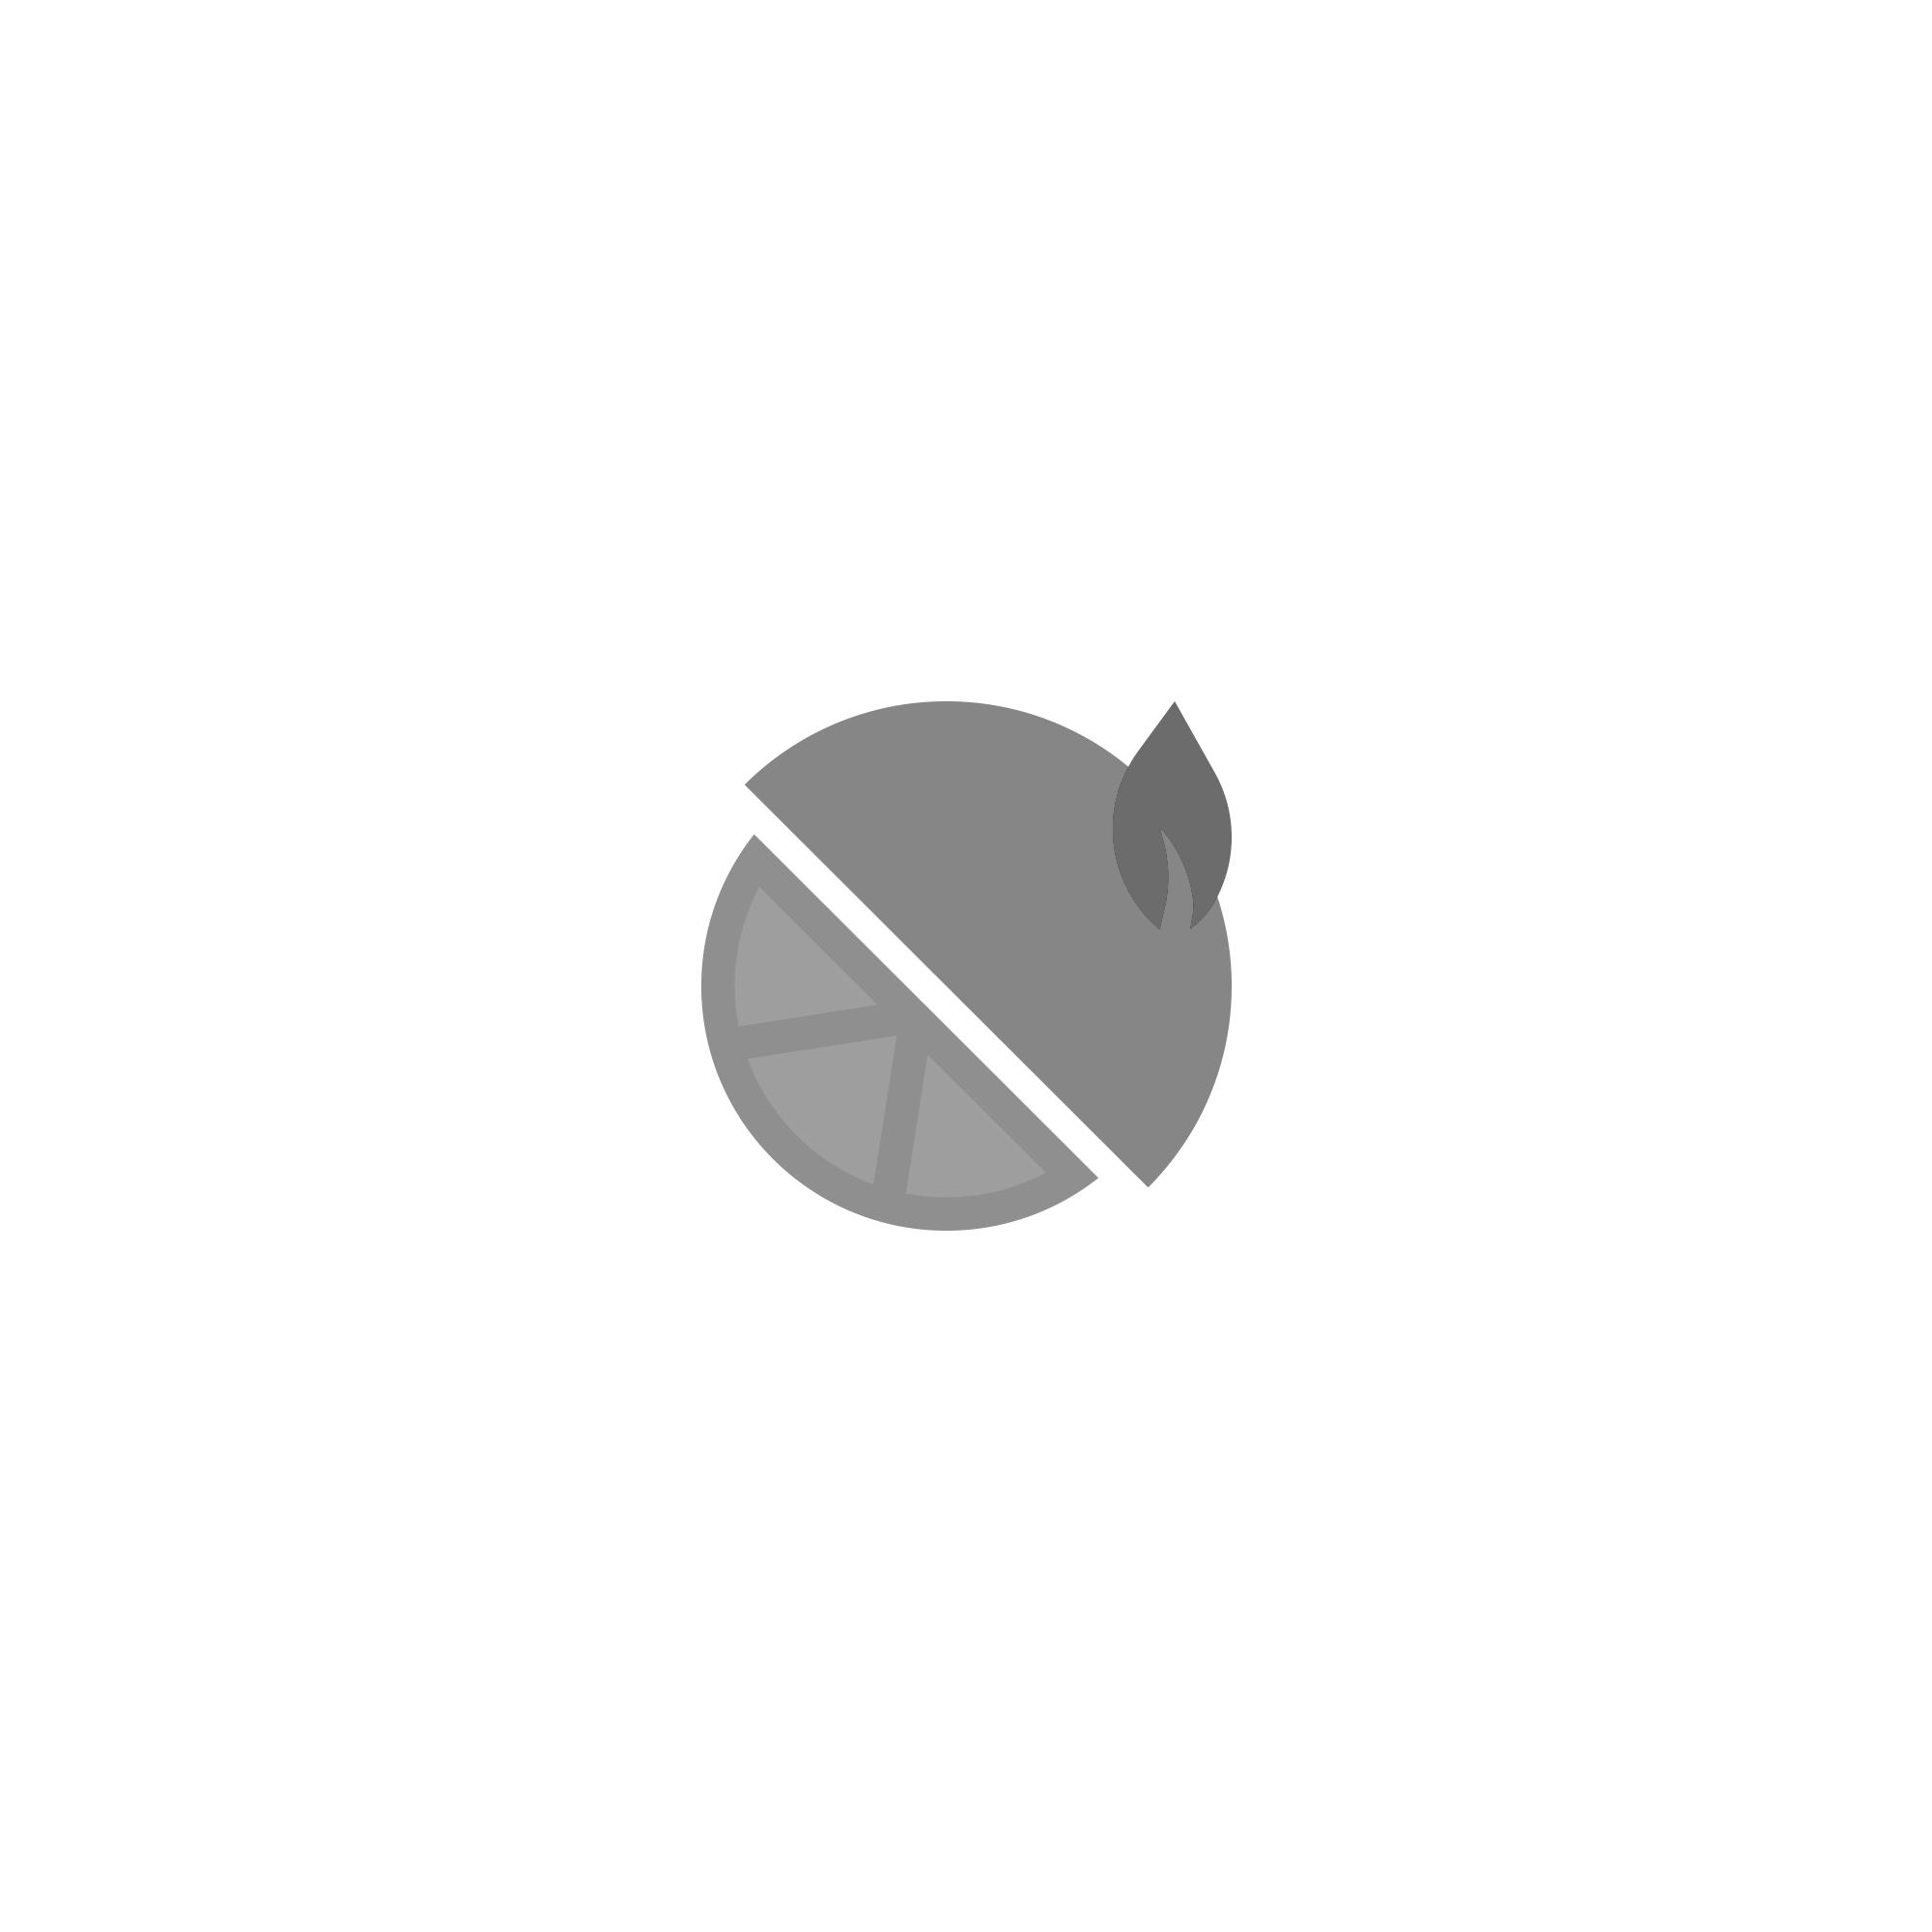 Логотип и фирменный стиль фото f_6195a638370e97ab.jpg